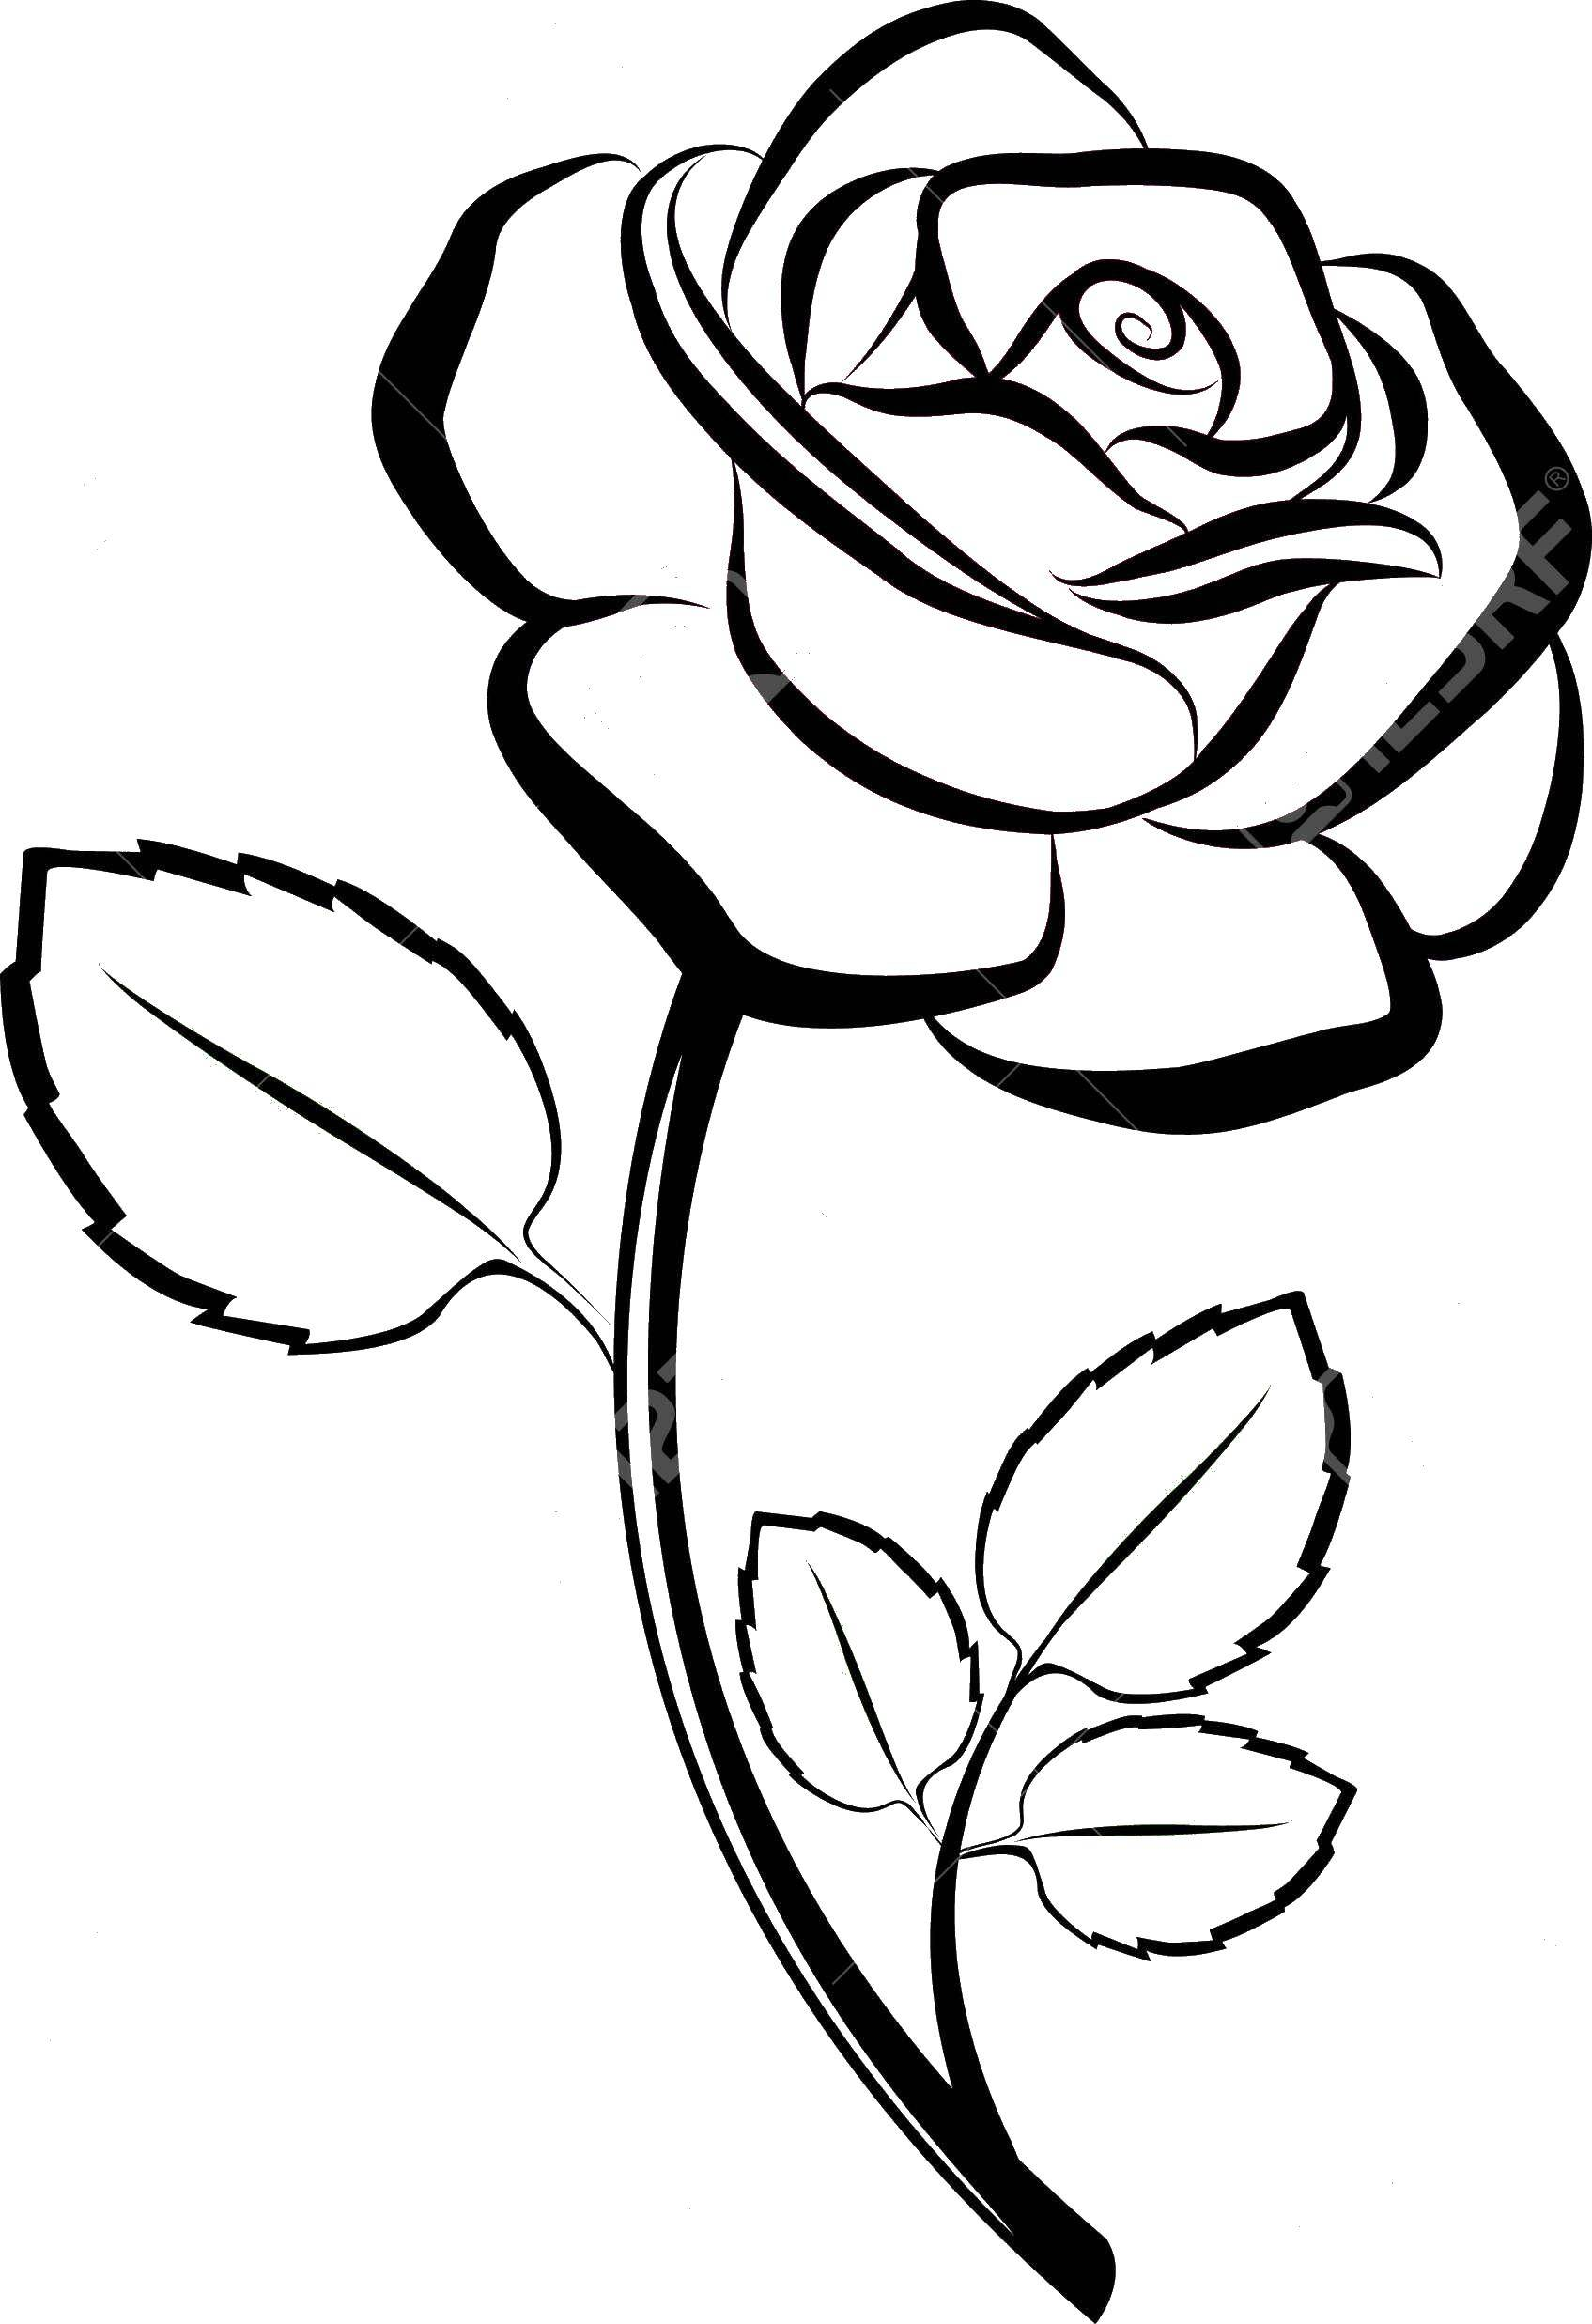 Раскраска Контуры розы Скачать ,роза, листья, листики,.  Распечатать